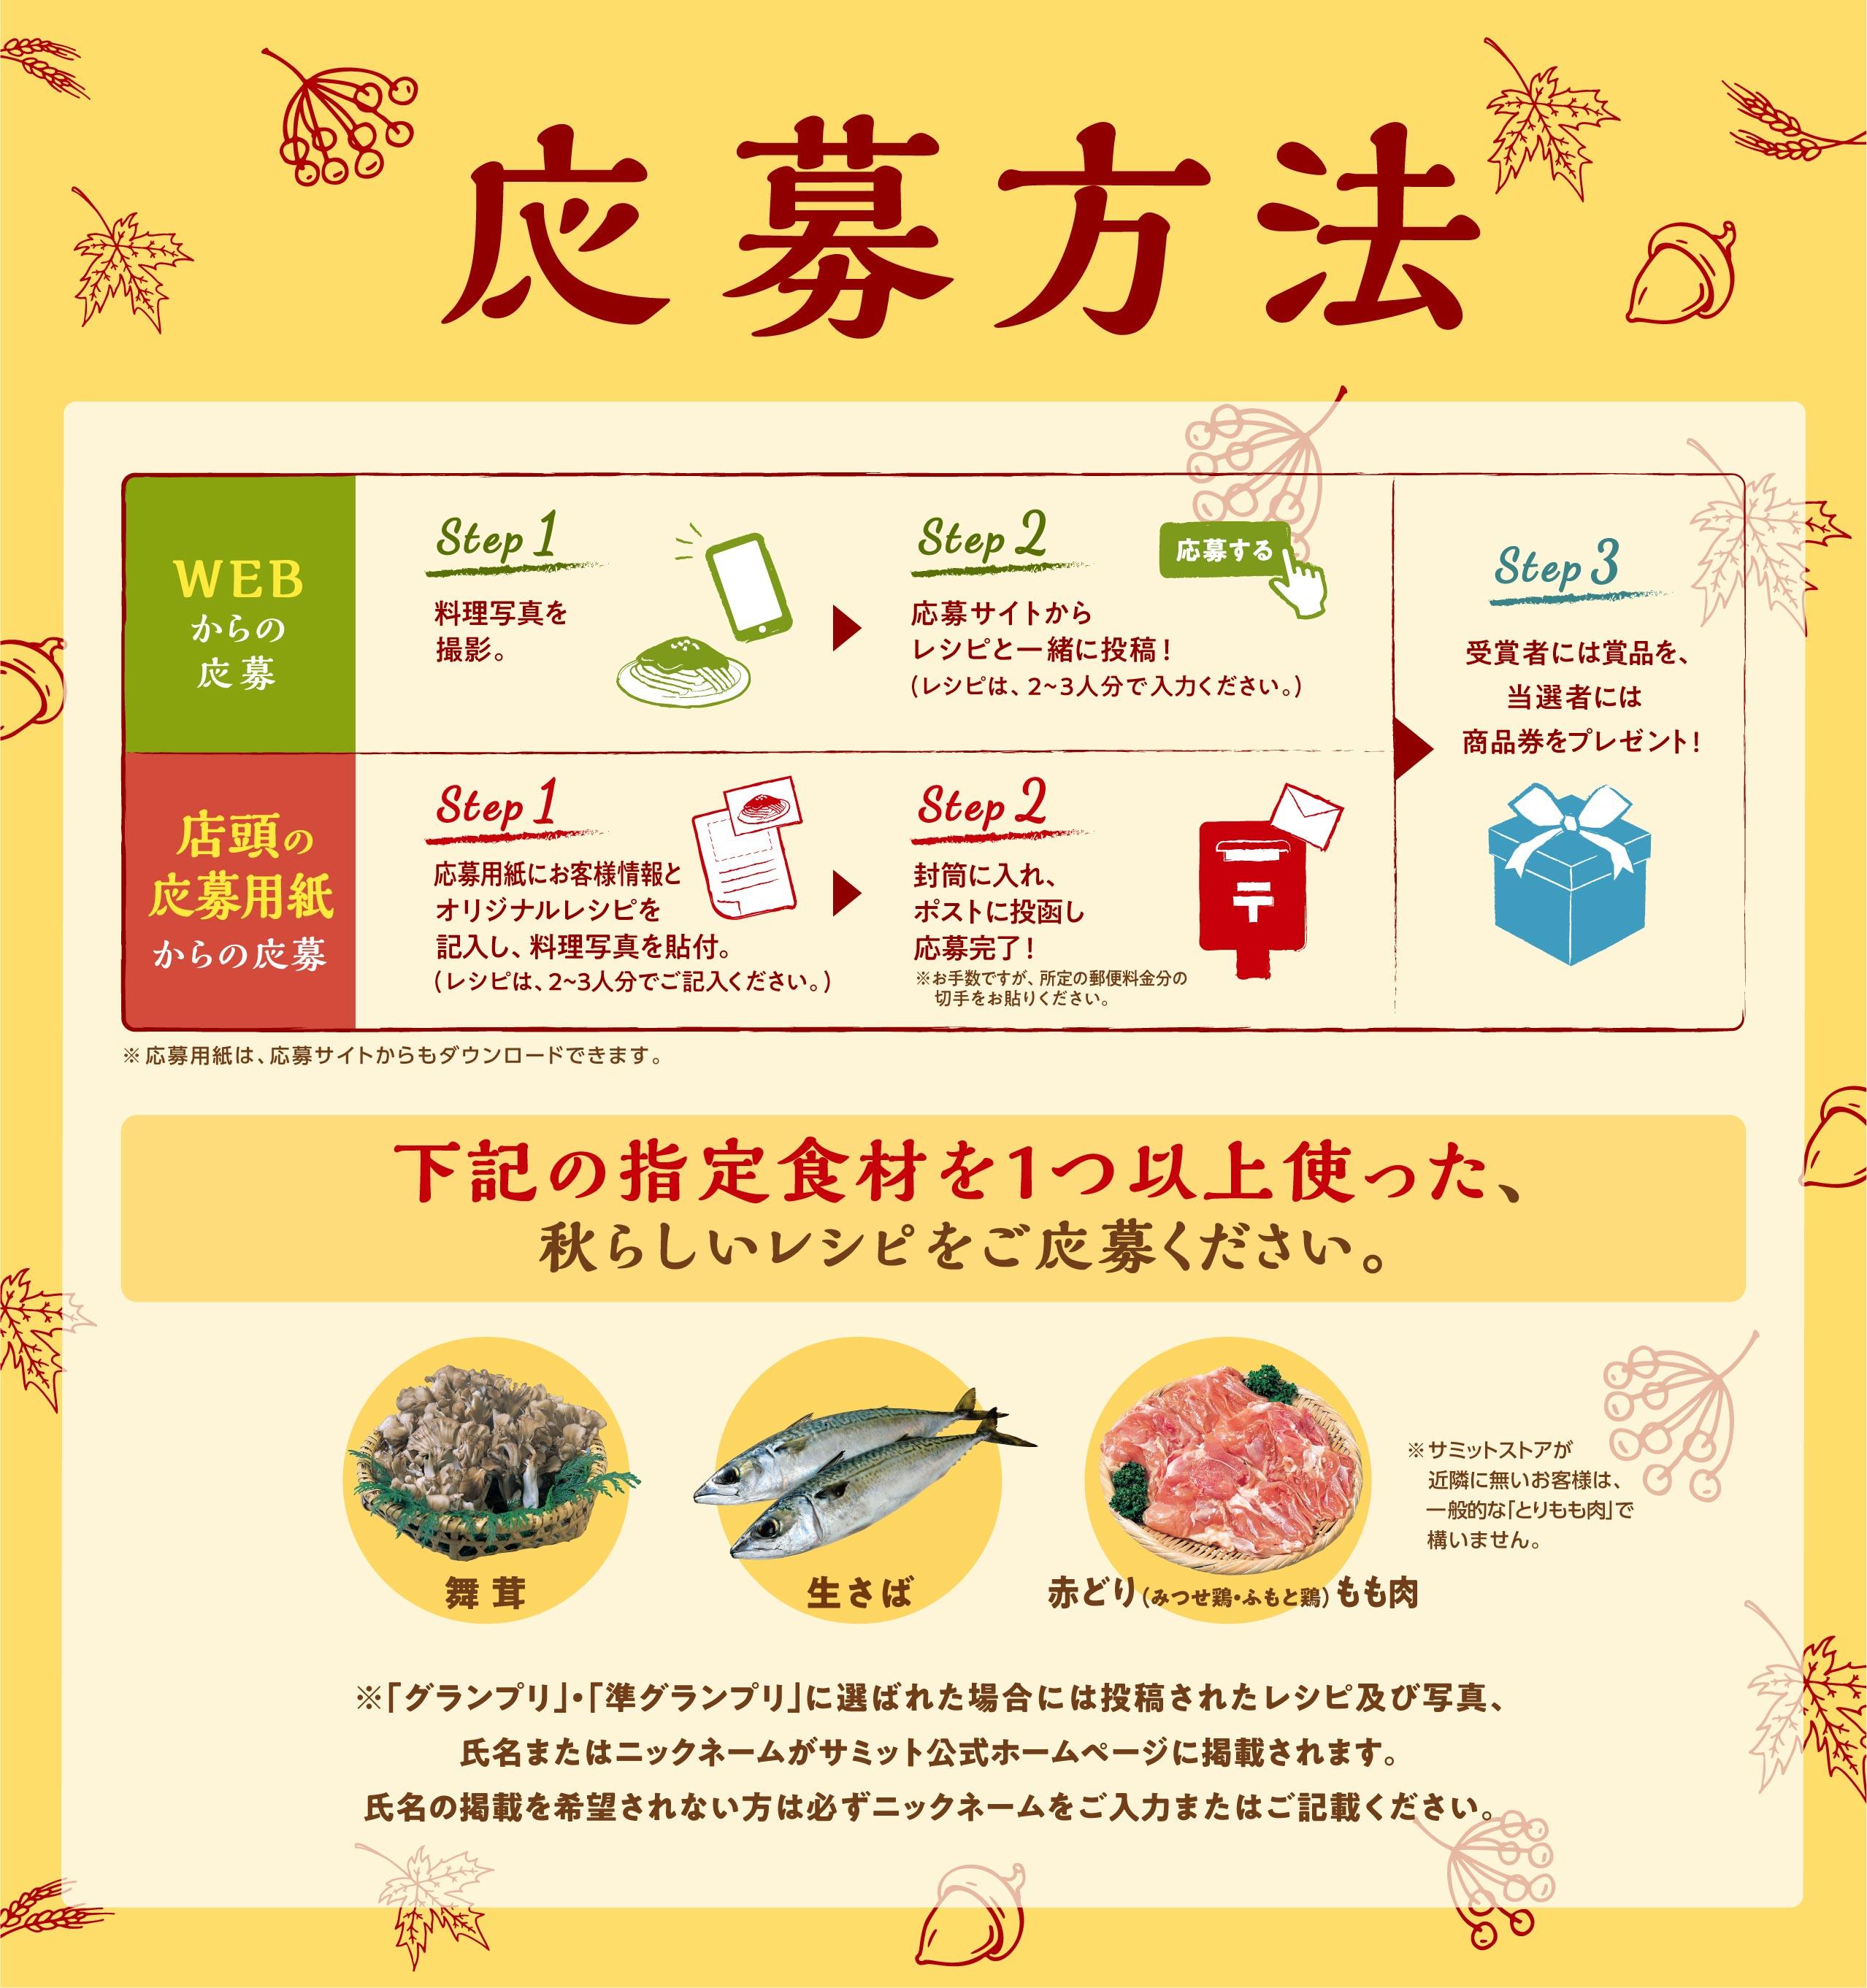 応募方法 下記の指定食材を1つ以上使った、秋らしいレシピをご応募ください。舞茸 生さば 赤どり(みつせ鶏・ふもと鶏)もも肉